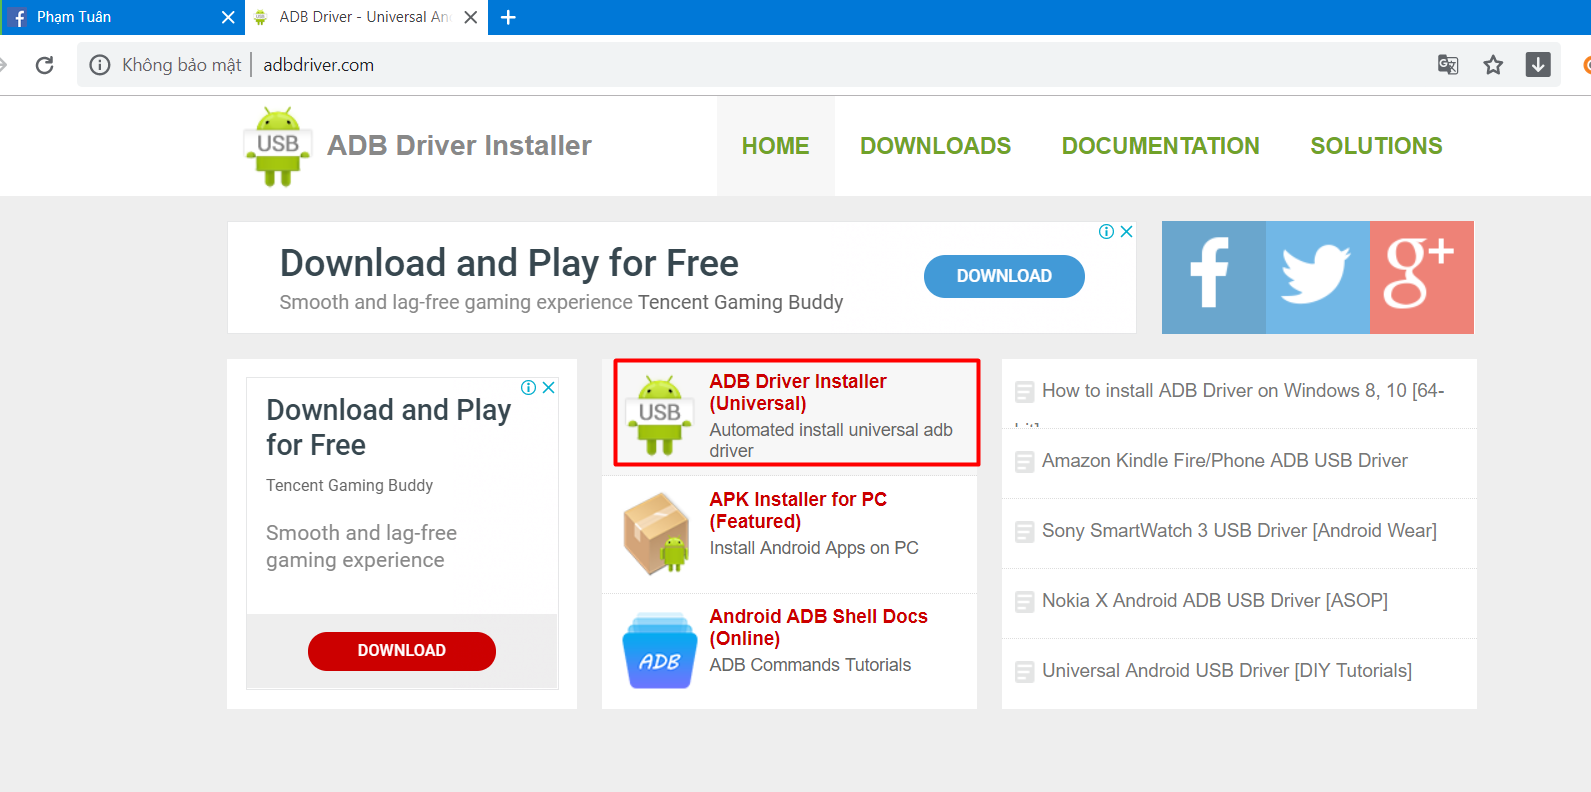 Phần mềm quảng cáo Ninja cung cấp các phần mềm: facebook